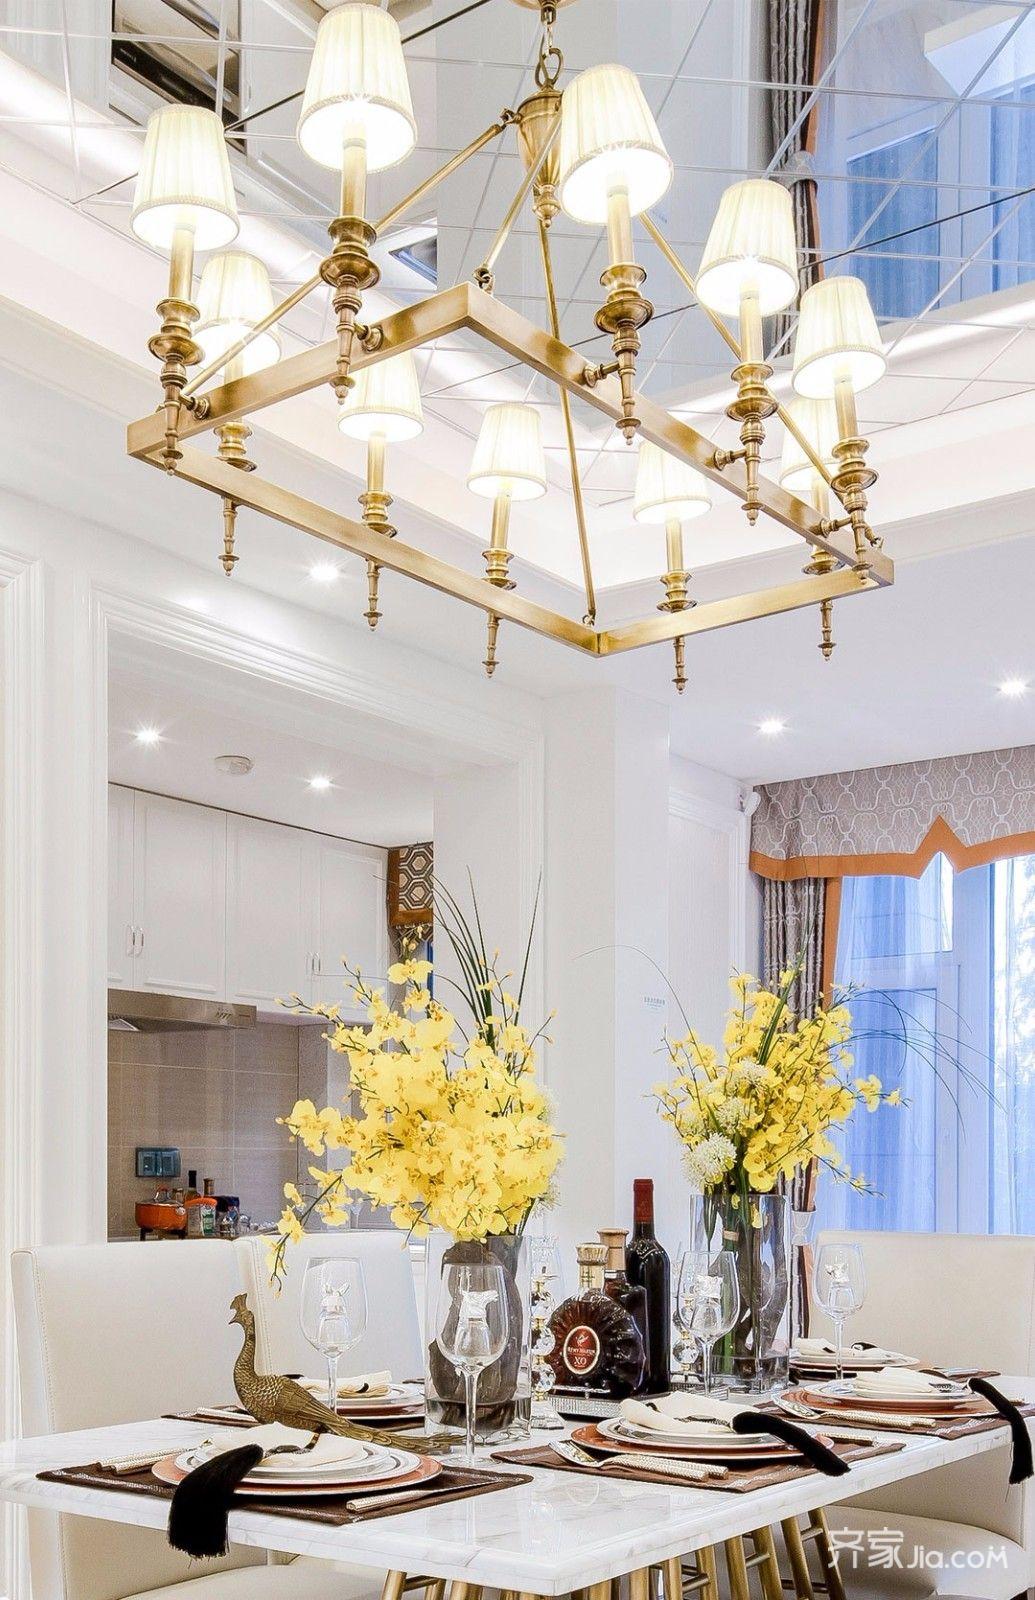 时尚轻奢风装修餐厅吊顶设计图